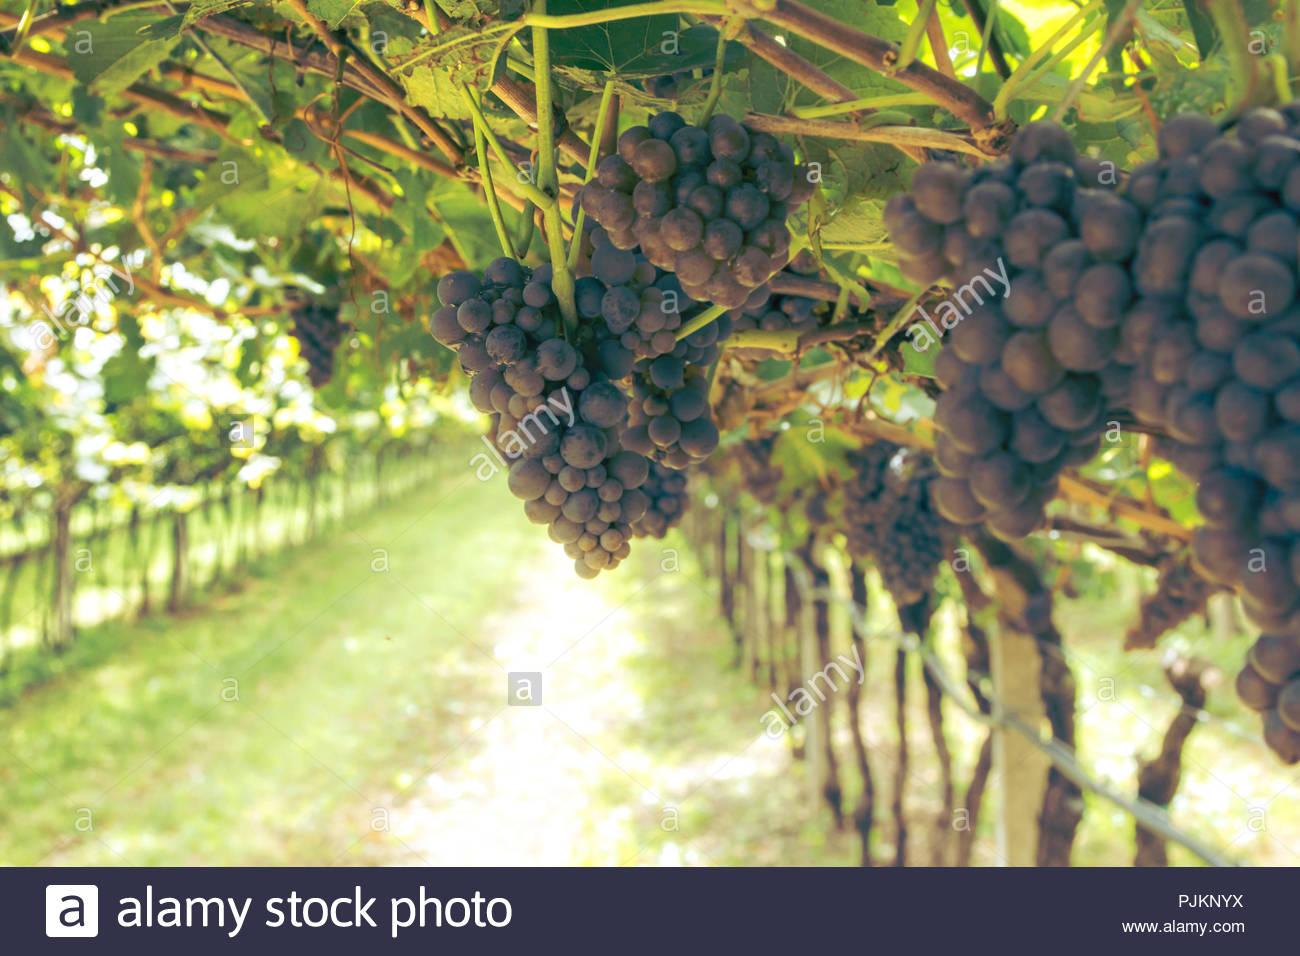 rot reife trauben in einem weinbaugebiet und pjknyx